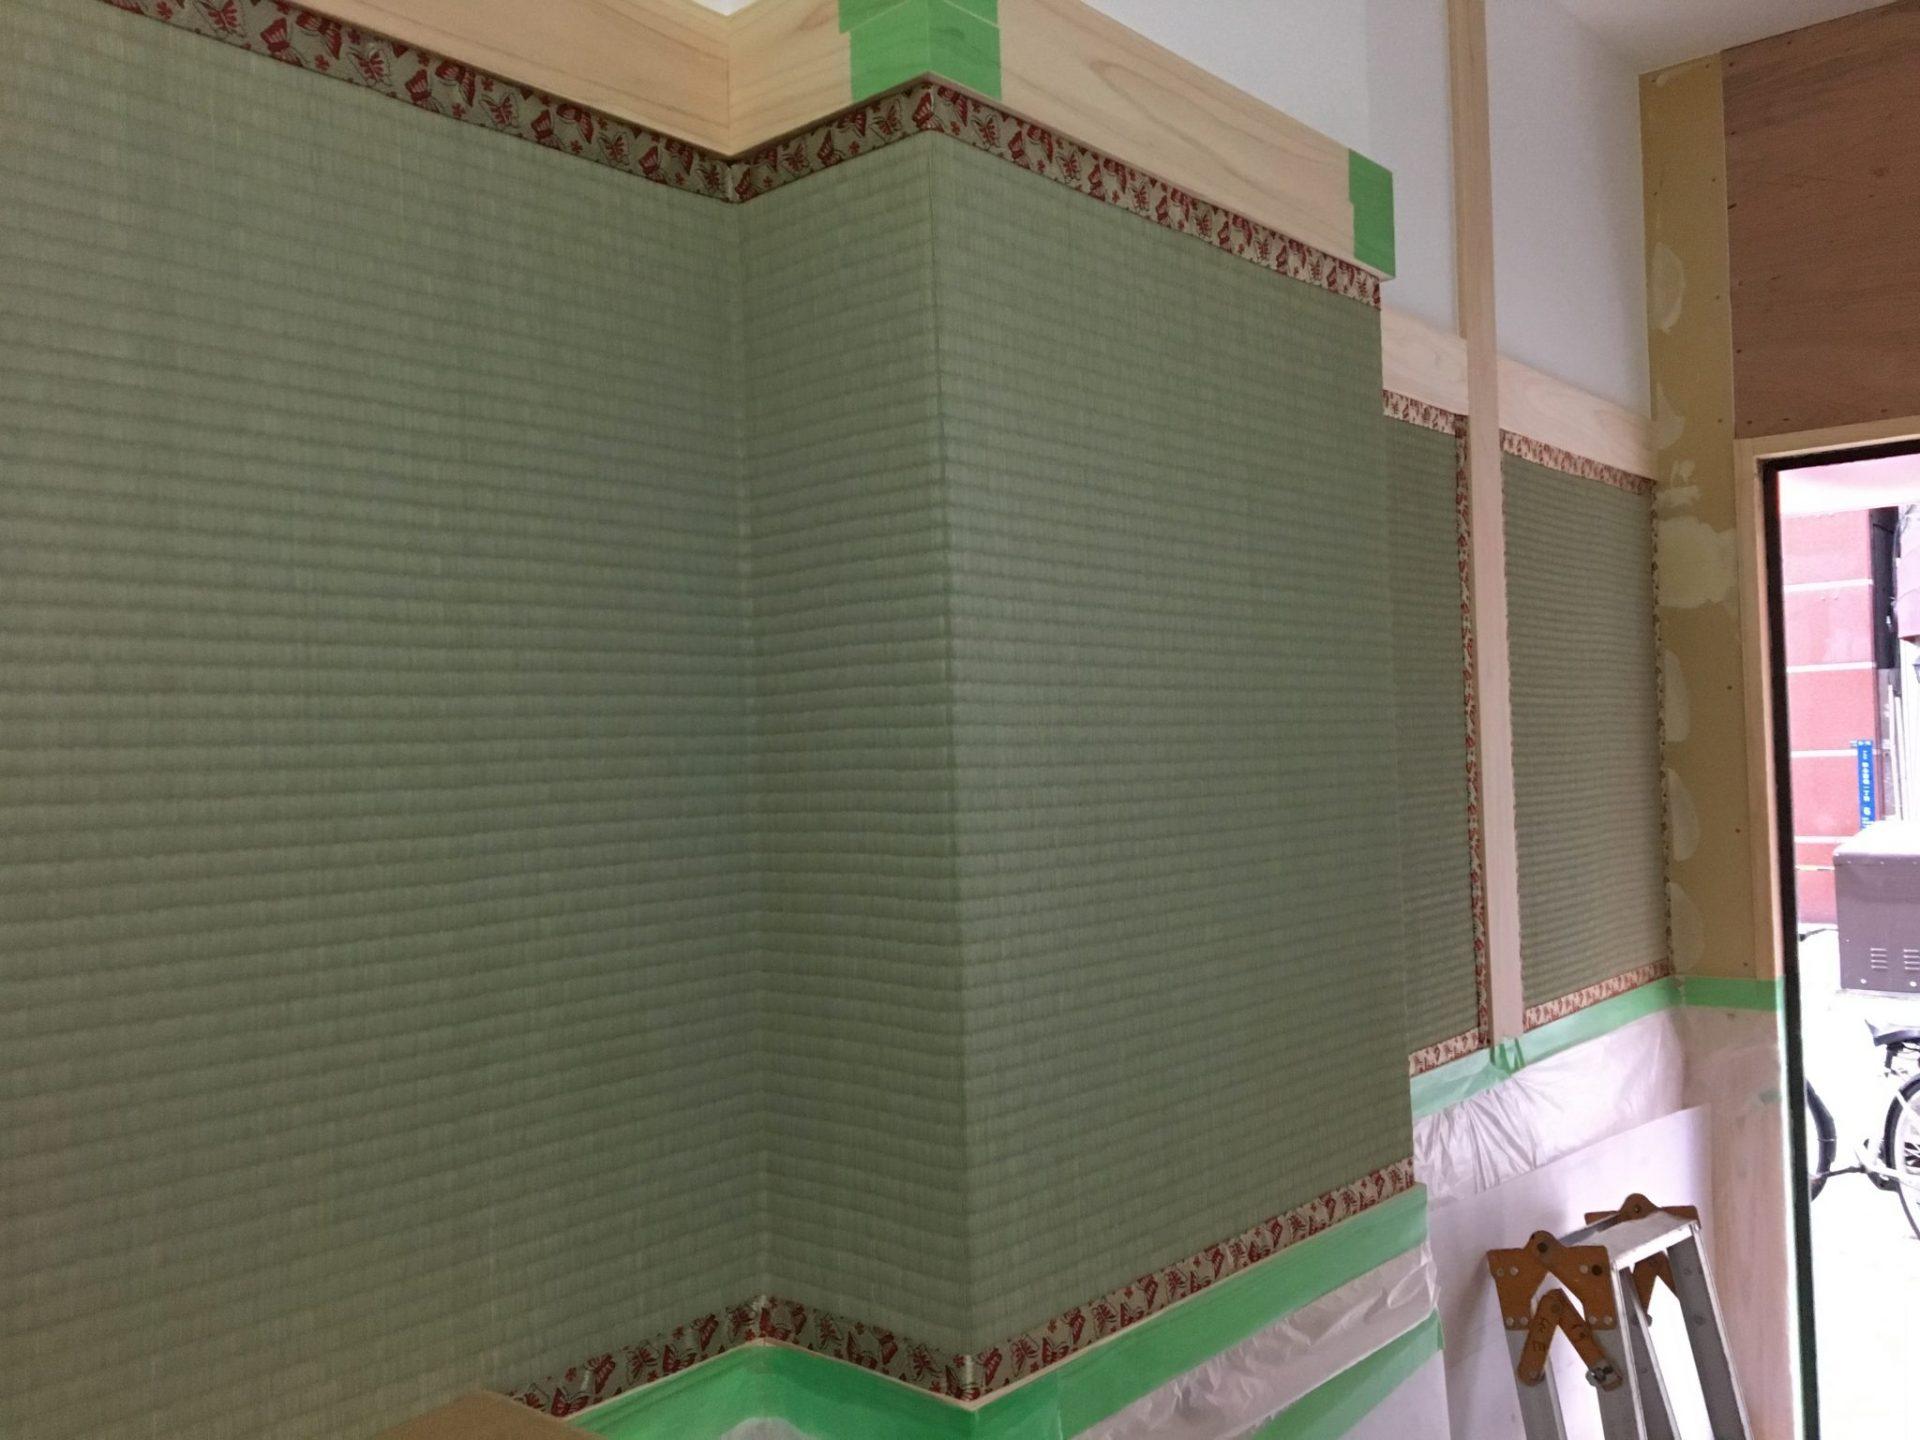 壁に貼り付けた畳表